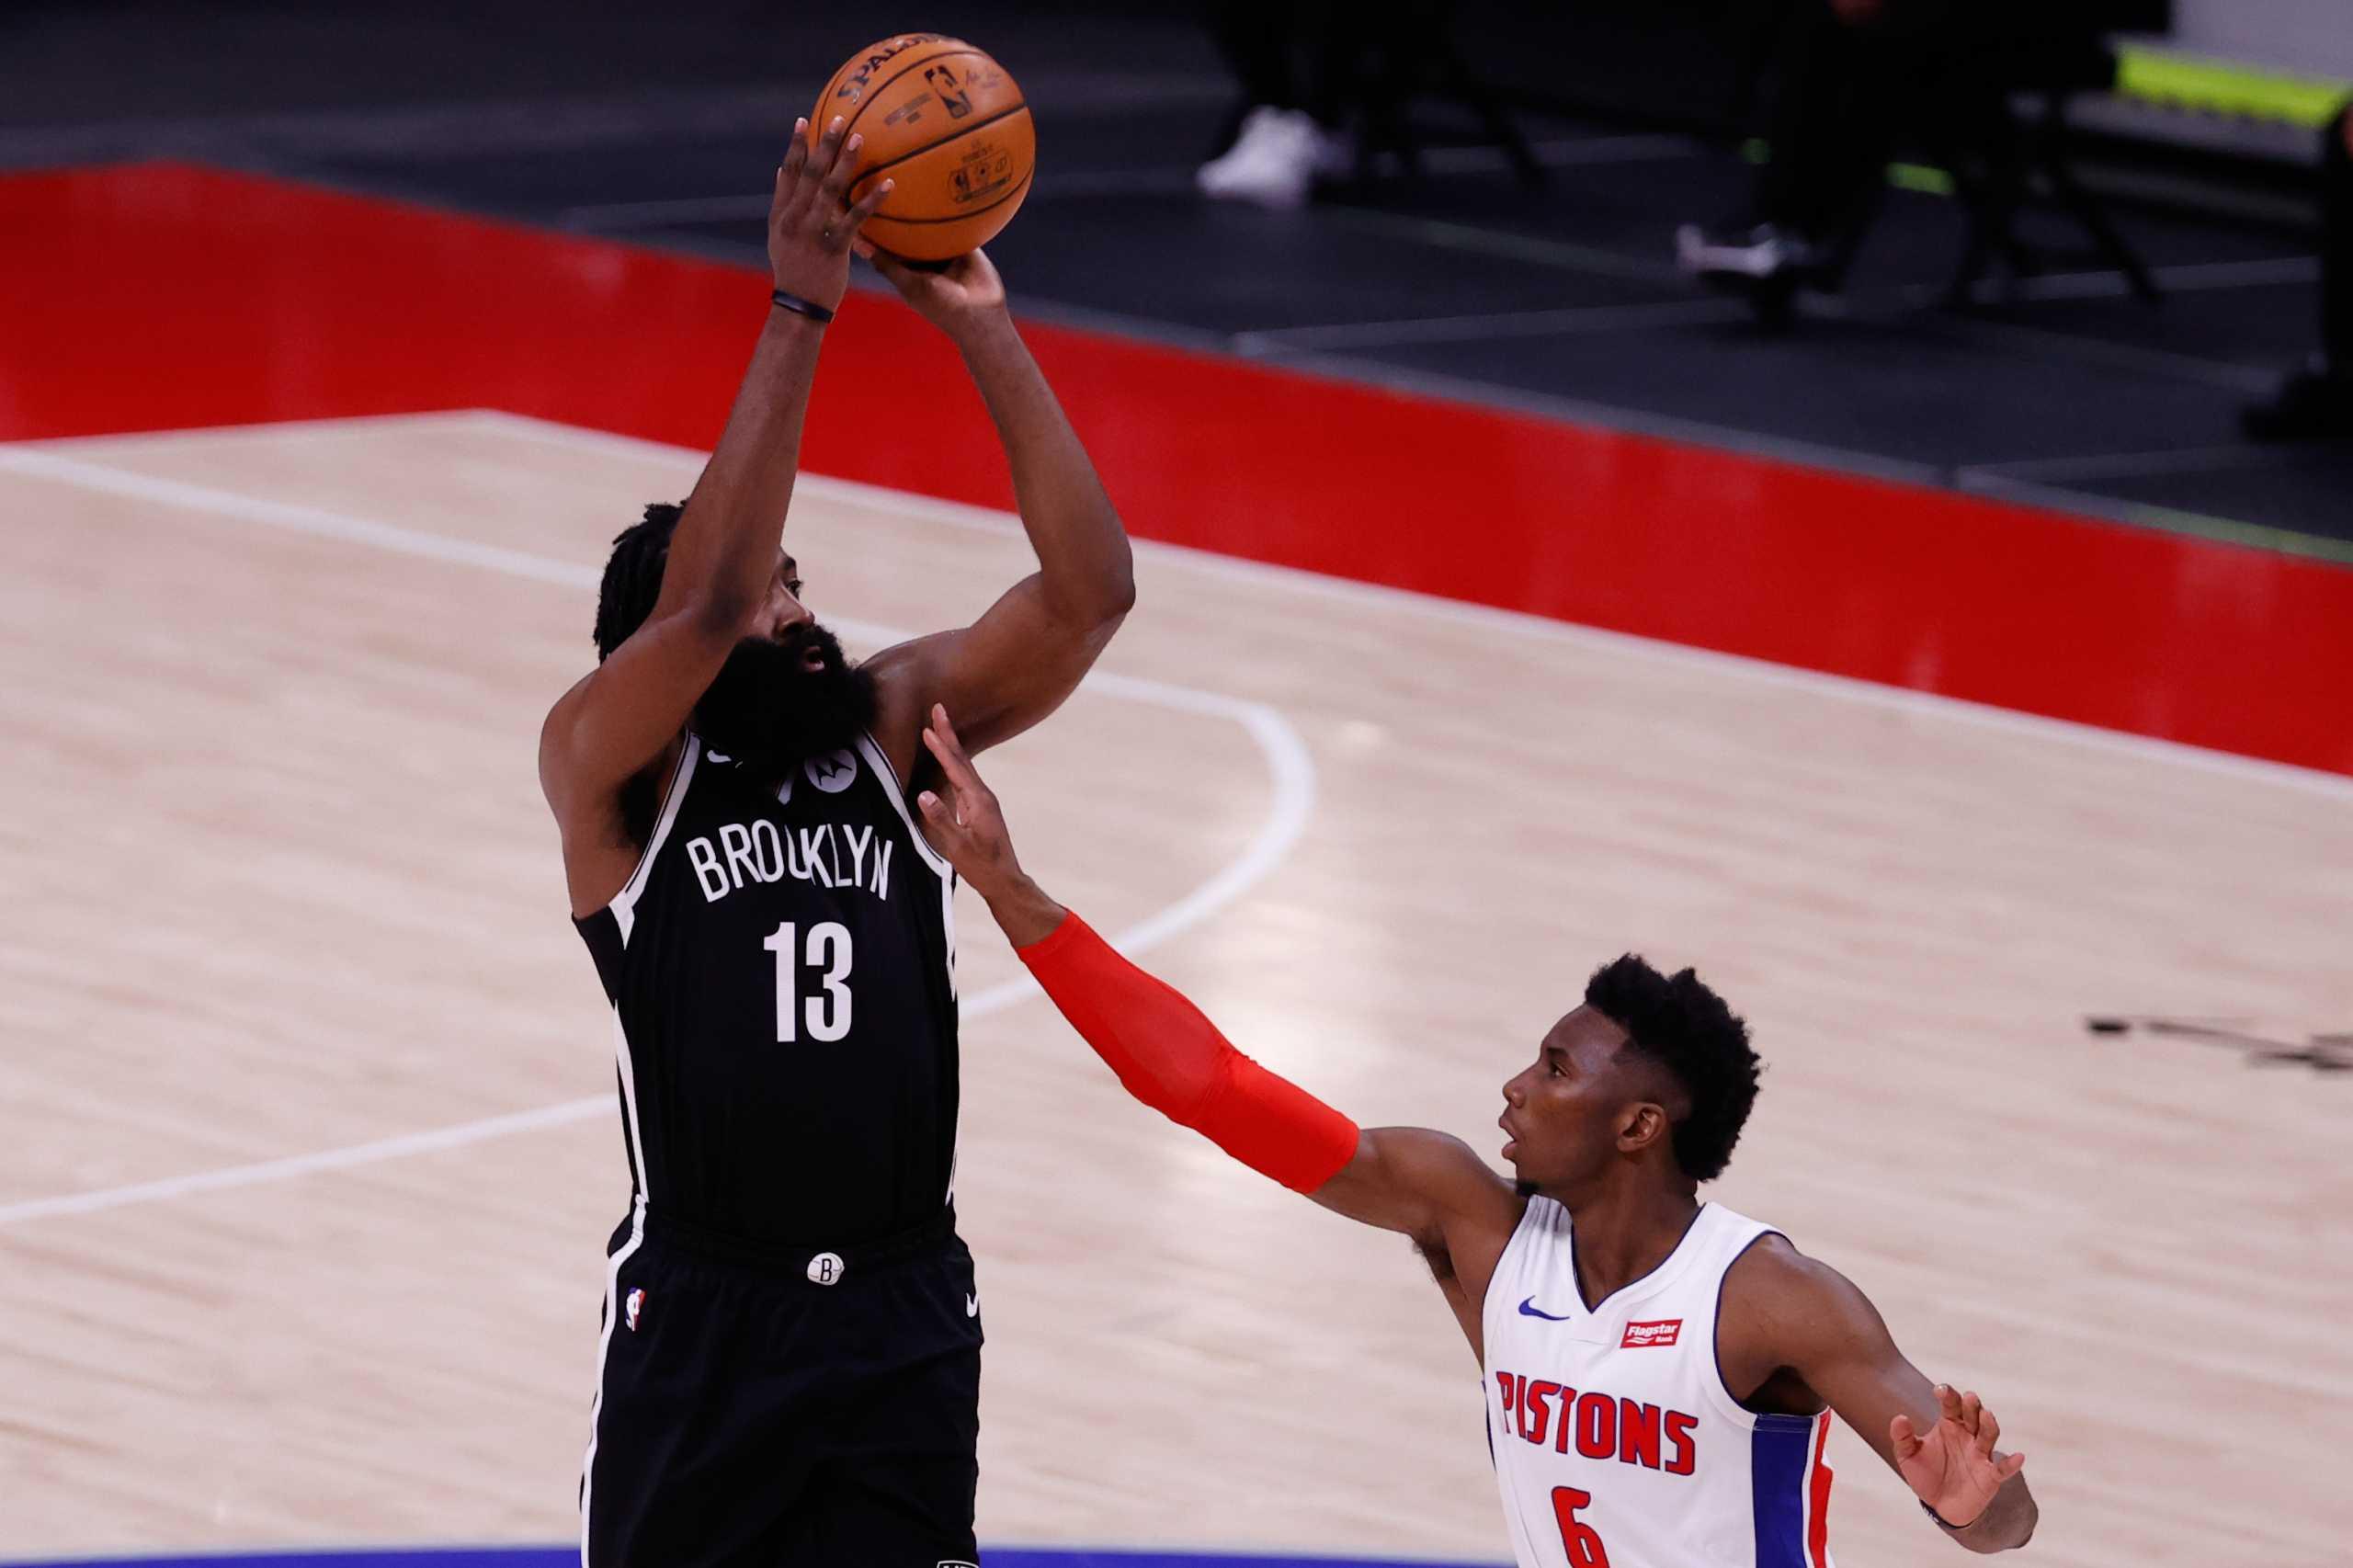 NBA: «Διαστημικός» Χάρντεν στο Ντιτρόιτ – Επιστροφή στις νίκες για τους Λέικερς (videos)